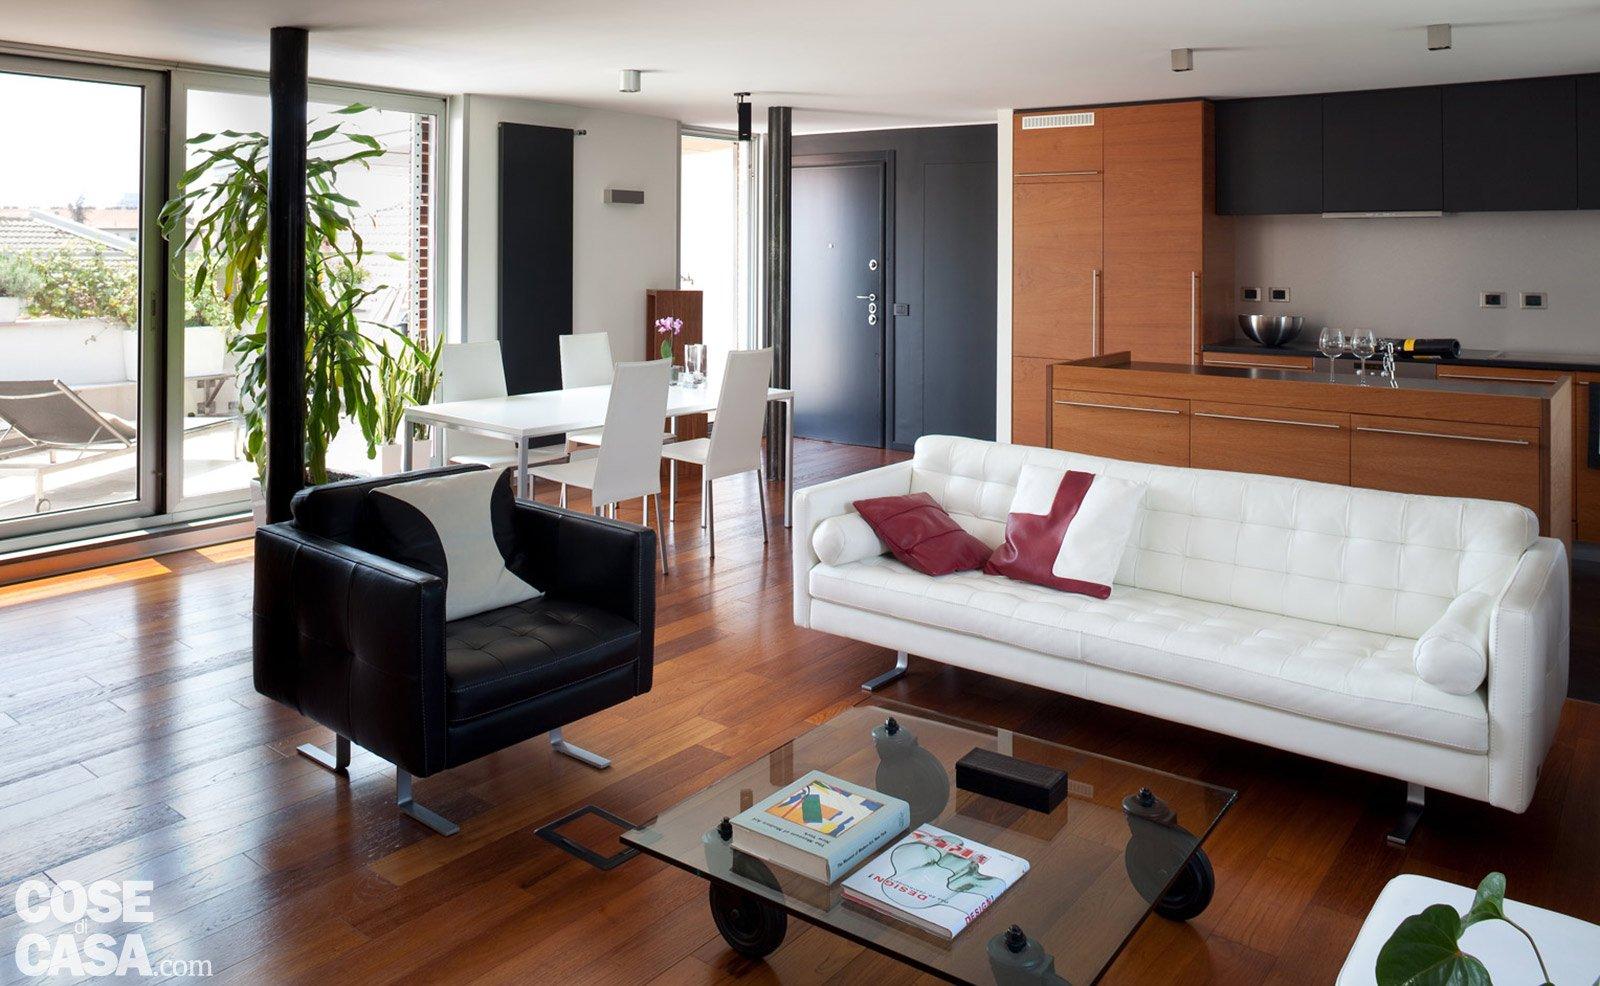 80 mq: una casa per due, perfetta per fare inviti - Cose di Casa